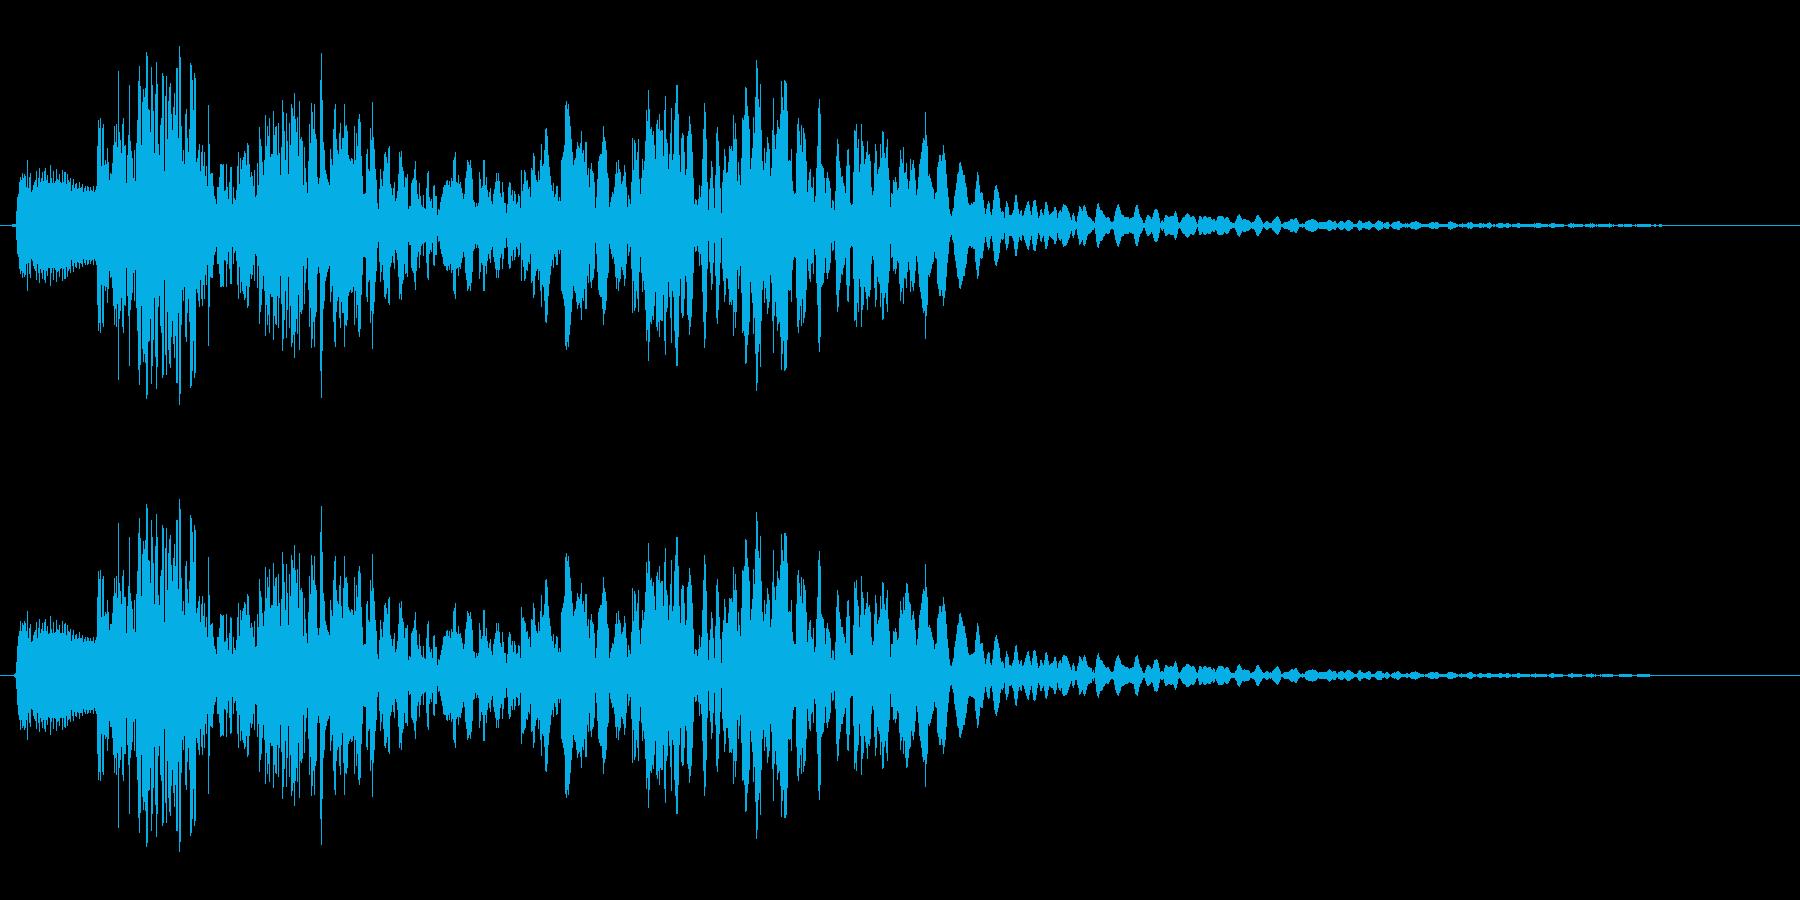 ピロンピロリン (コミカルなピアノ音)の再生済みの波形